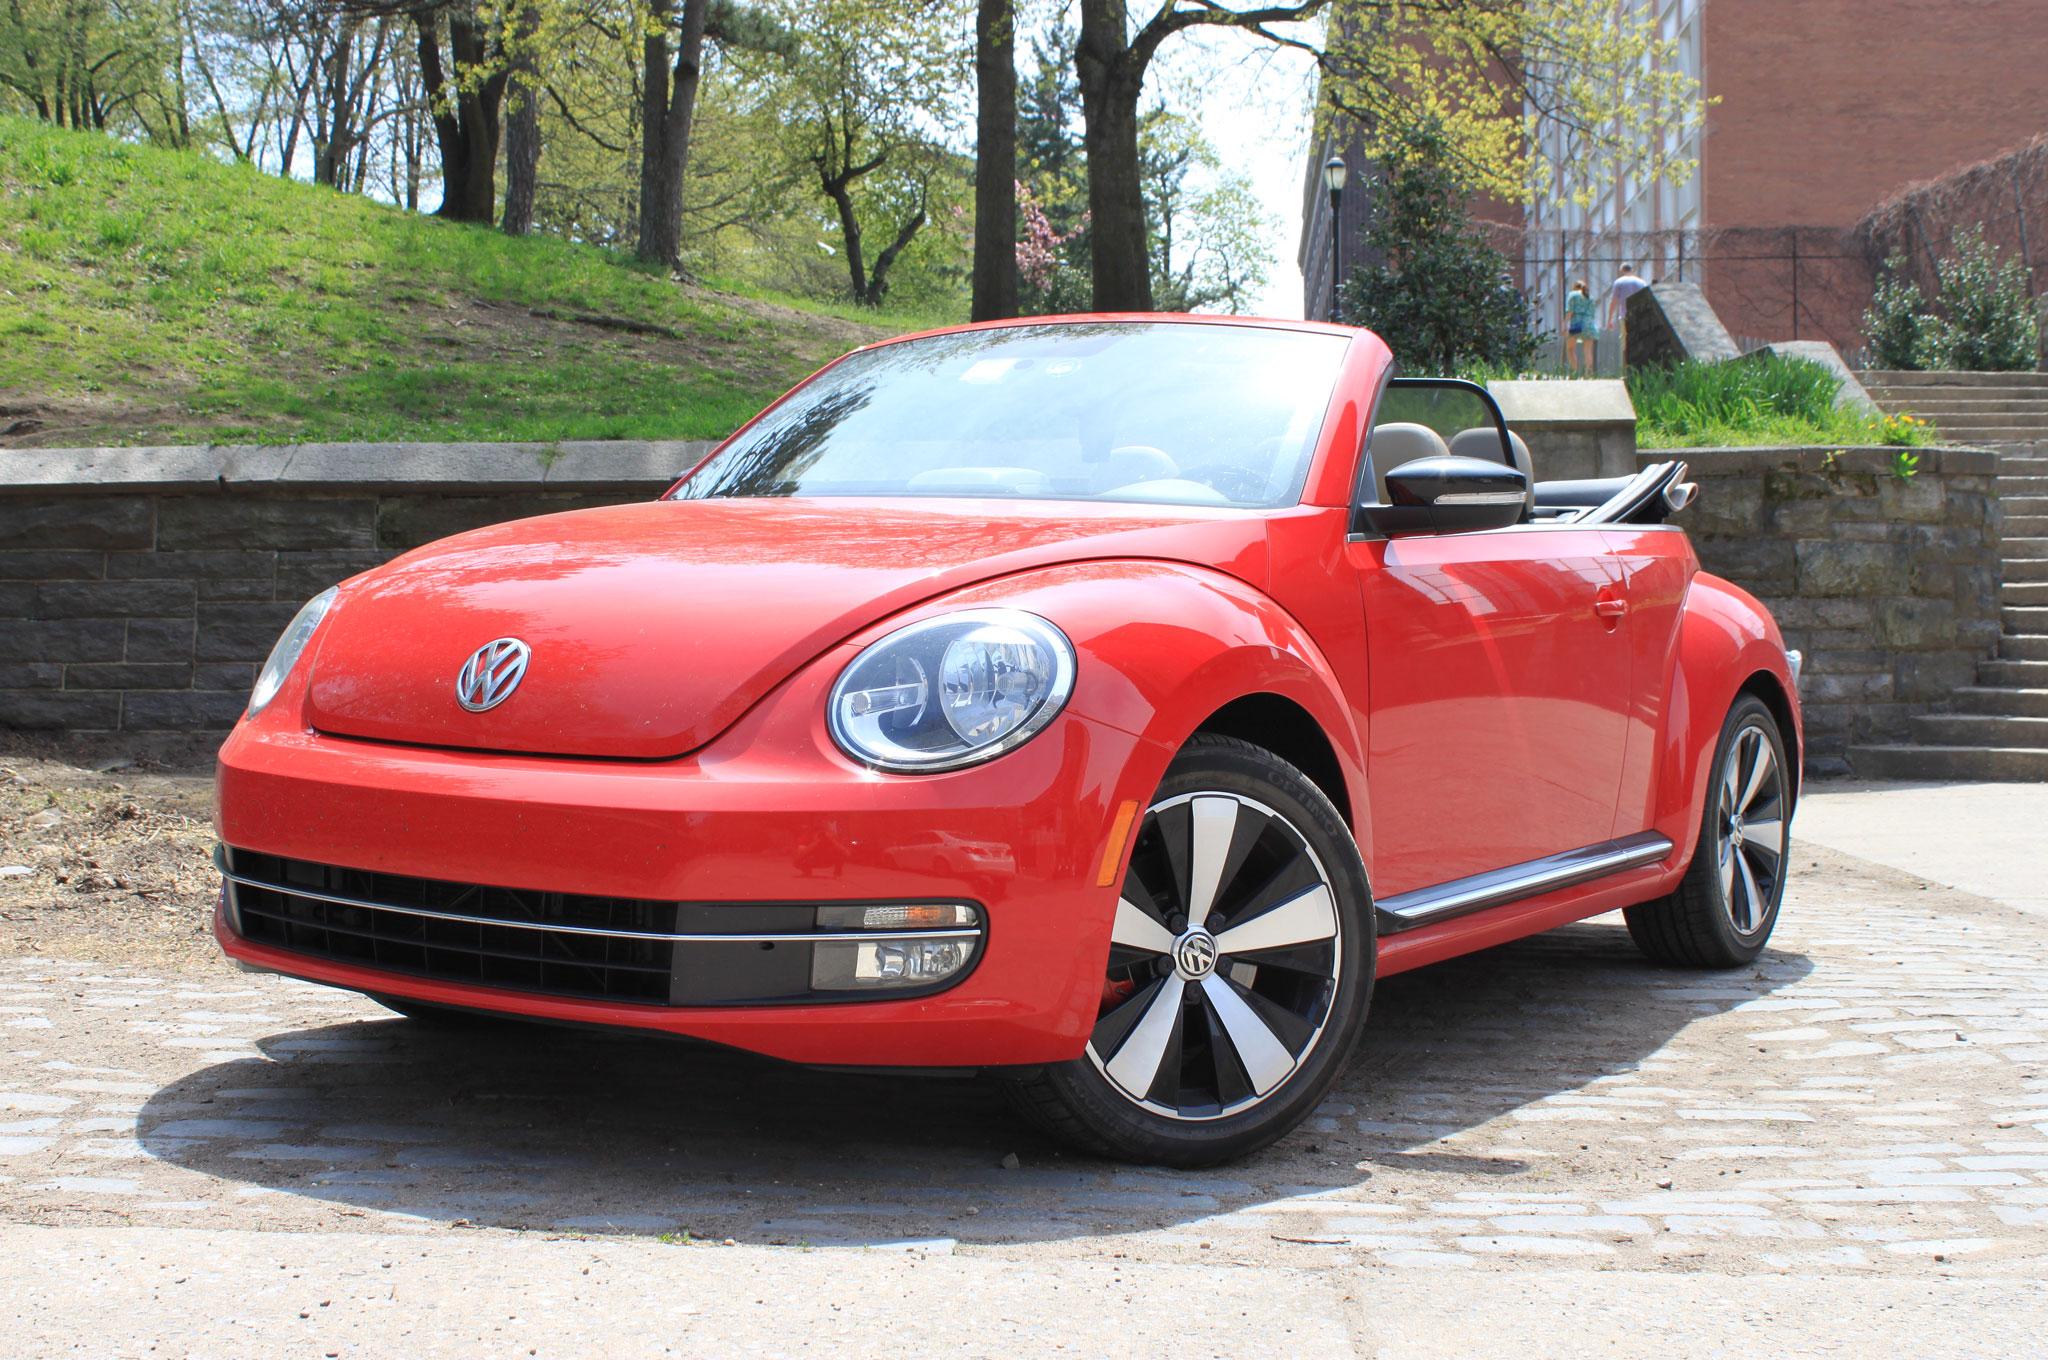 2013 Volkswagen Beetle Turbo Convertible Front Left View1